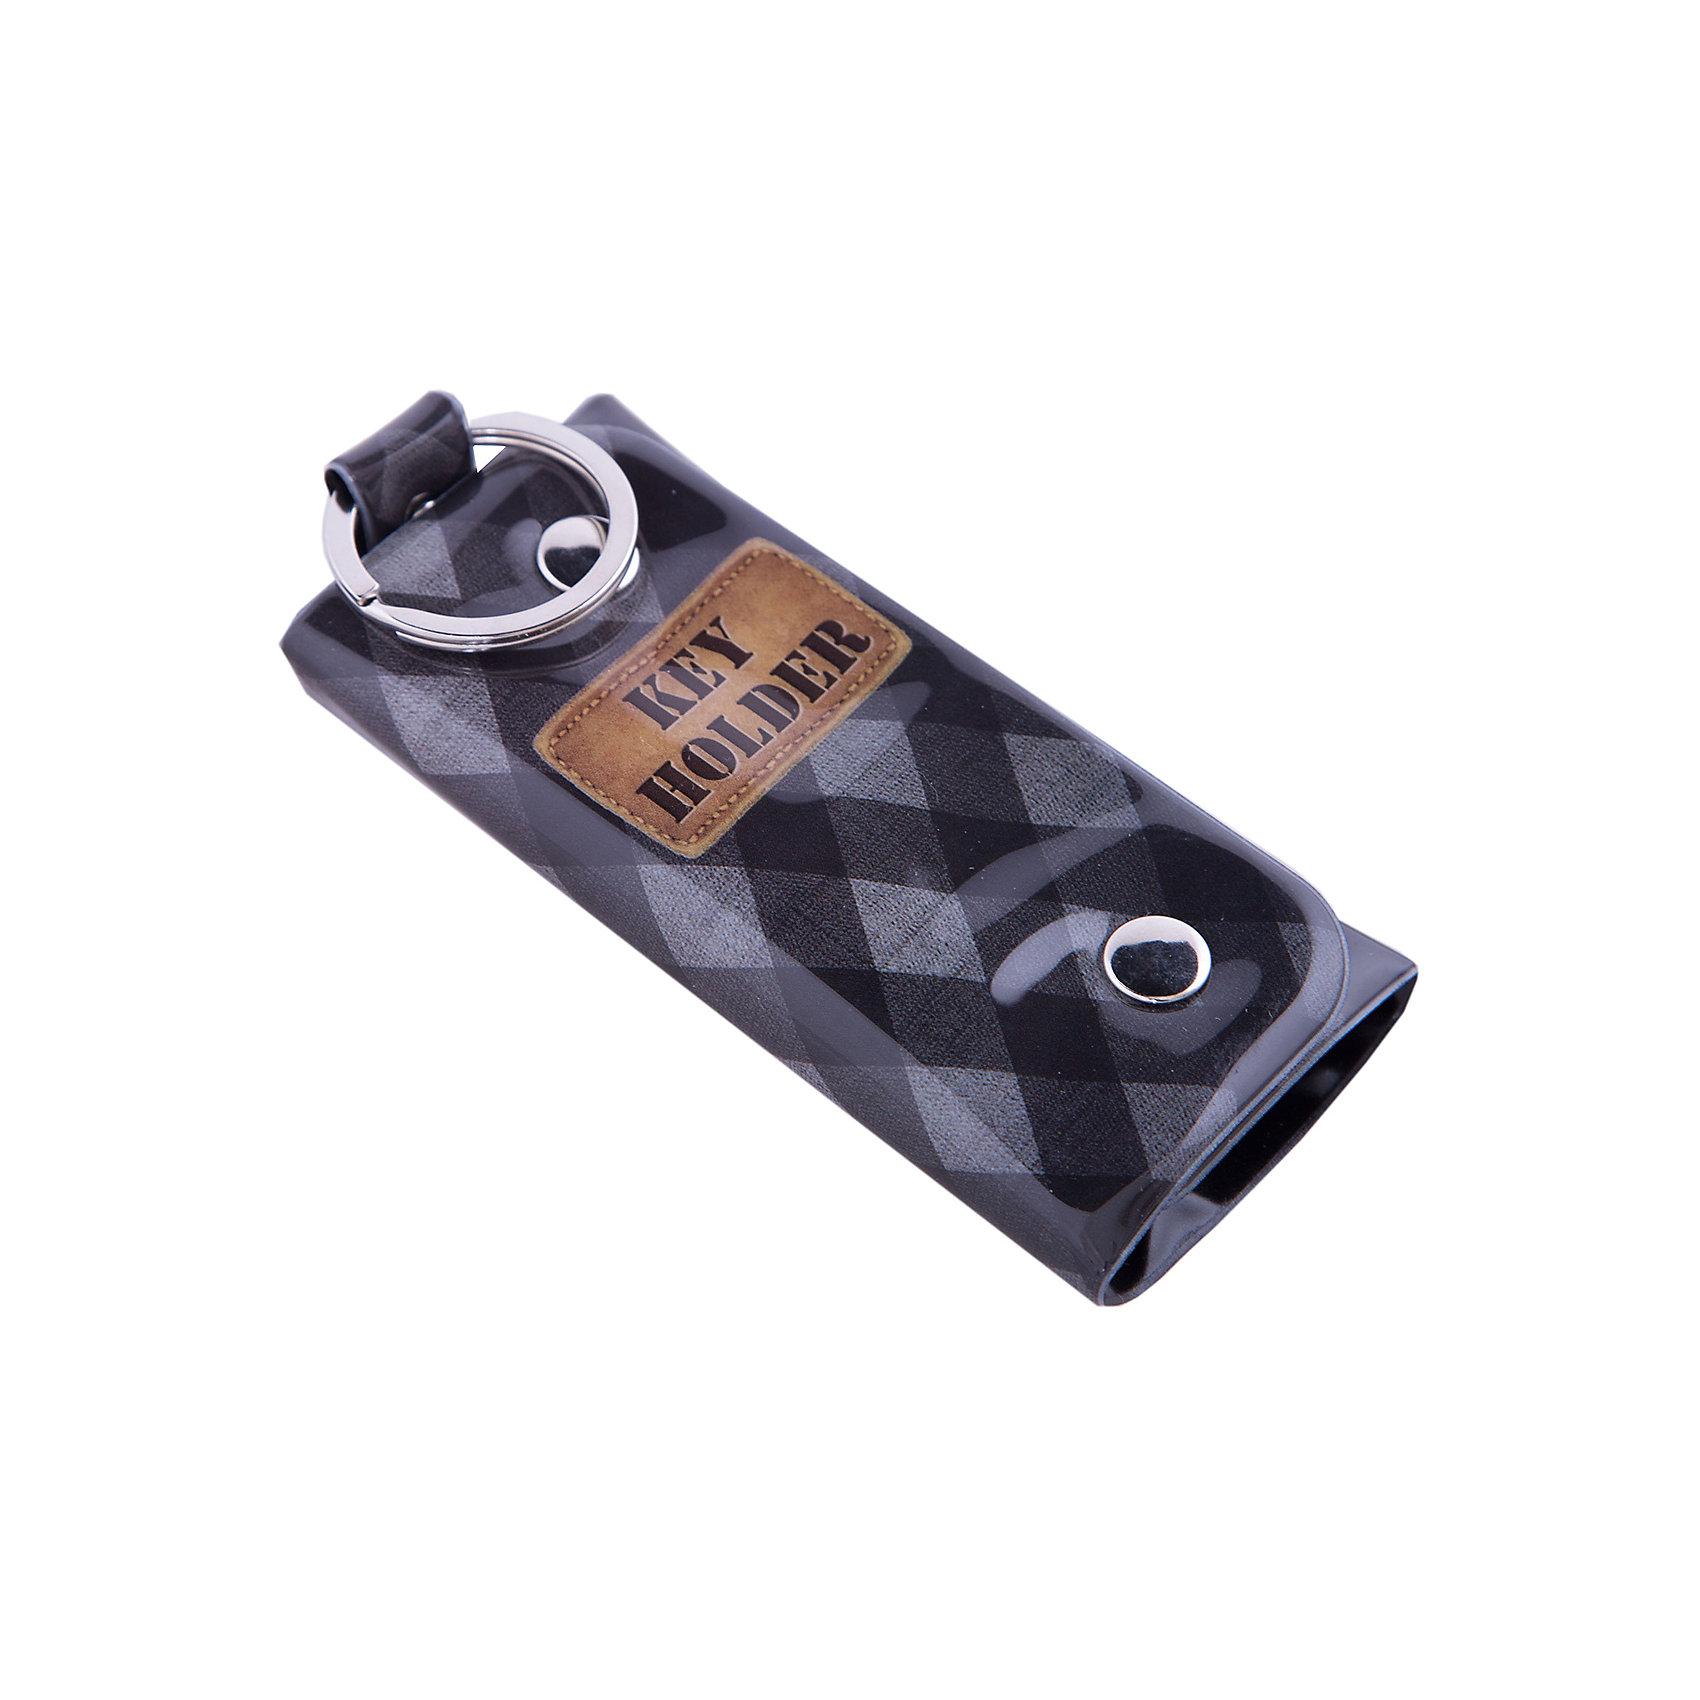 Ключница РомбикиПредметы интерьера<br>Характеристики ключницы Ромбики:<br><br>• тип: ключница<br>• материал: пвх (поливинилхлорид)<br>• материал подкладки/внутренней отделки: пвх (поливинилхлорид)<br>• материал фурнитуры: металл<br>• вид принта: винтажный<br>• упаковка: пластиковая коробка<br>• размеры:10.5 х 4.5 х 2 см<br>• размер упаковки (дхшхв), 11 x 6 x 2 см<br>• вес в упаковке, 135 г<br>• страна-изготовитель Китай<br><br>Стильная ключница Magic Home Ромбики изготовлена из ПВХ и имеет одно отделение, закрывающееся при помощи клапана на две кнопки. Внутри имеется одно кольцо для хранения ключей. Ключница оформлена оригинальным принтом в виде ромбов и надписи Key Holder.<br><br>Ключницу Ромбики можно купить в нашем интернет-магазине.<br><br>Ширина мм: 105<br>Глубина мм: 50<br>Высота мм: 50<br>Вес г: 36<br>Возраст от месяцев: 36<br>Возраст до месяцев: 2147483647<br>Пол: Унисекс<br>Возраст: Детский<br>SKU: 5479417